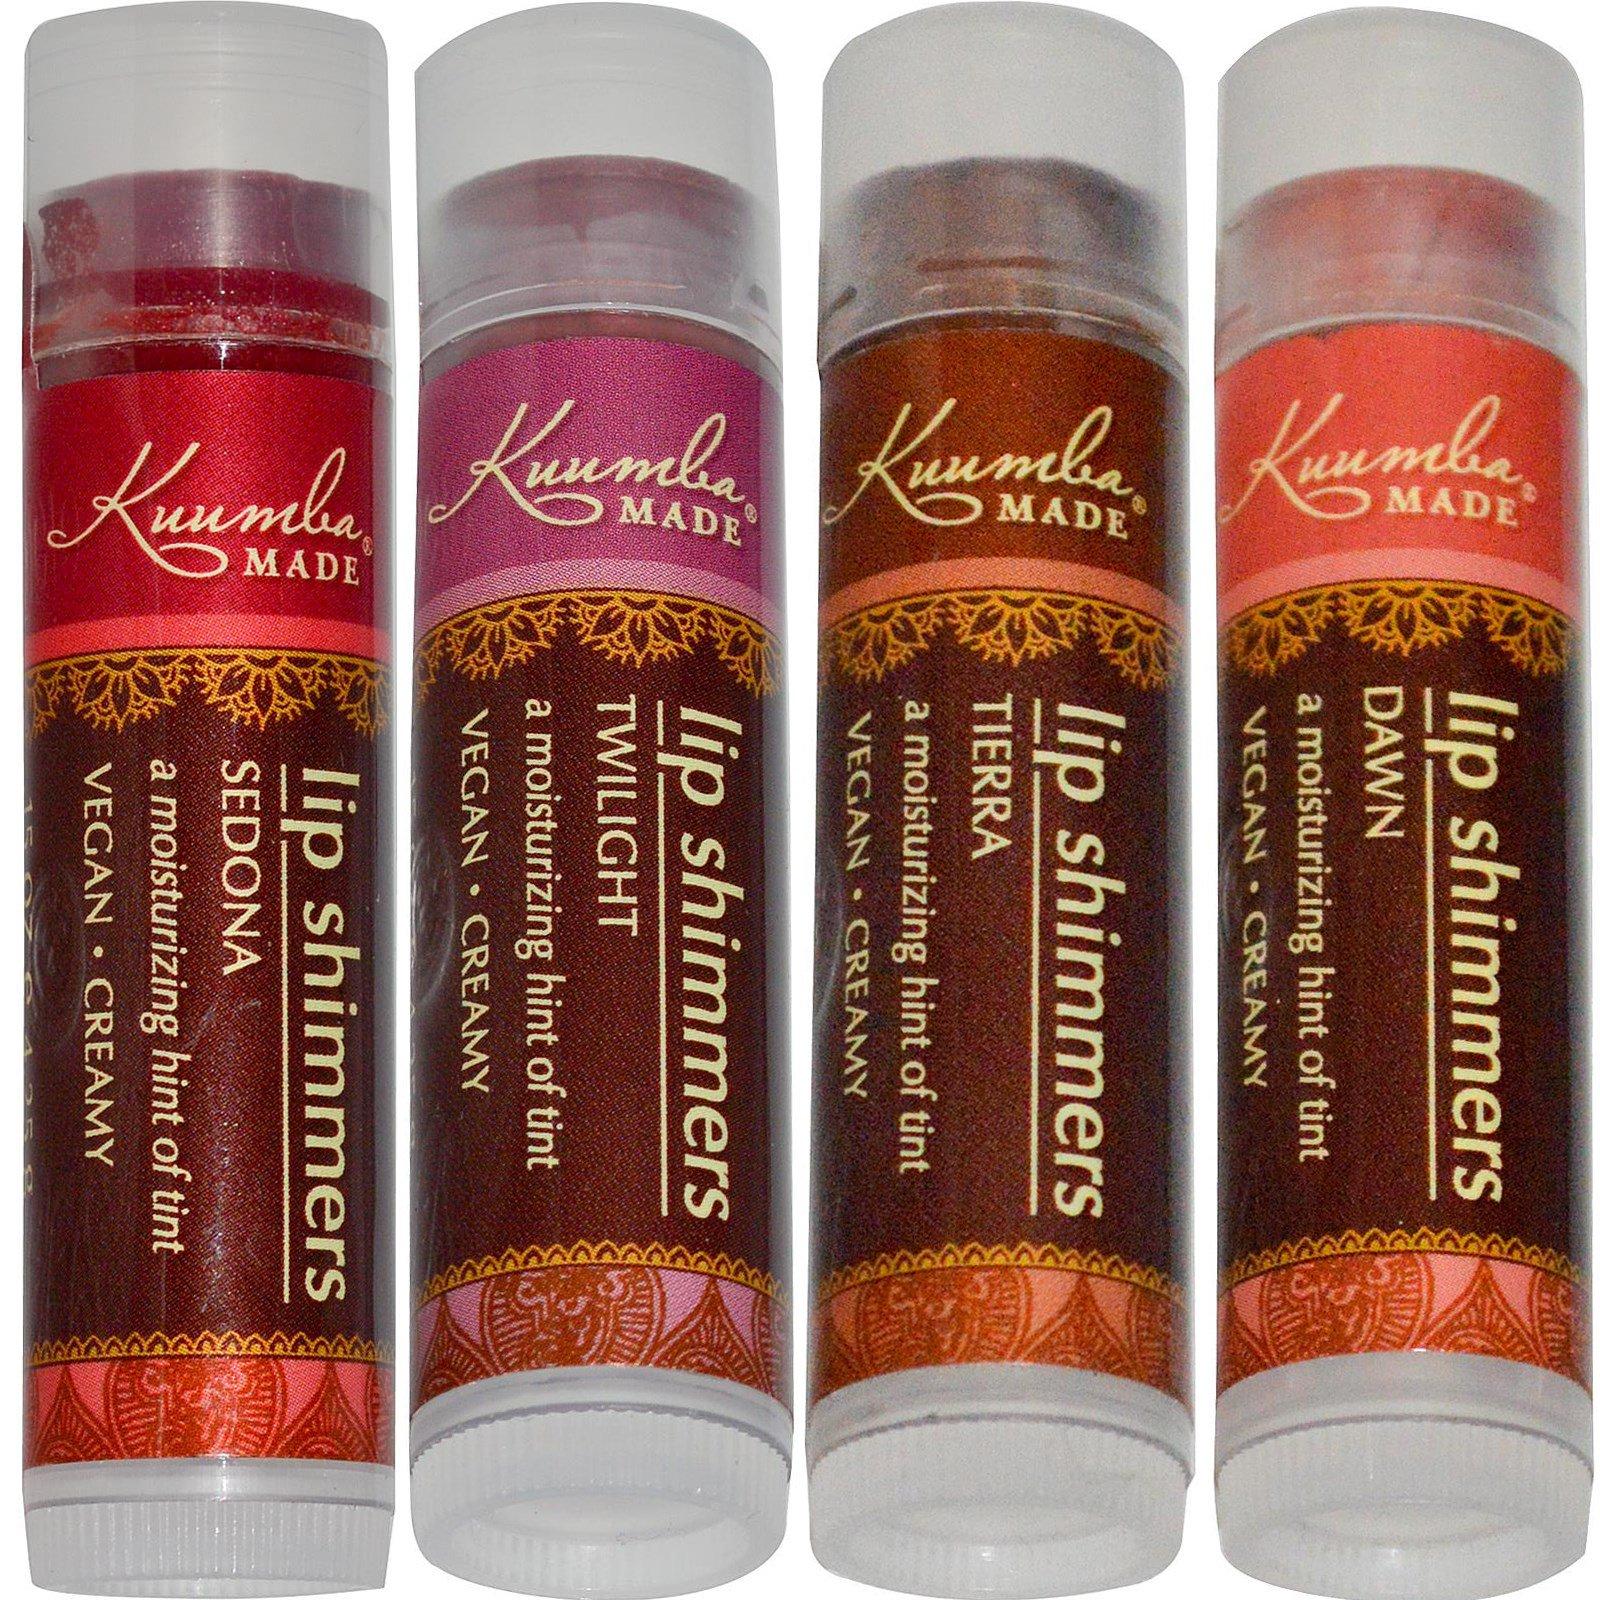 Kuumba Made, Блеск для губ, 4 шт, 4,25 г (0,15 унции) каждая